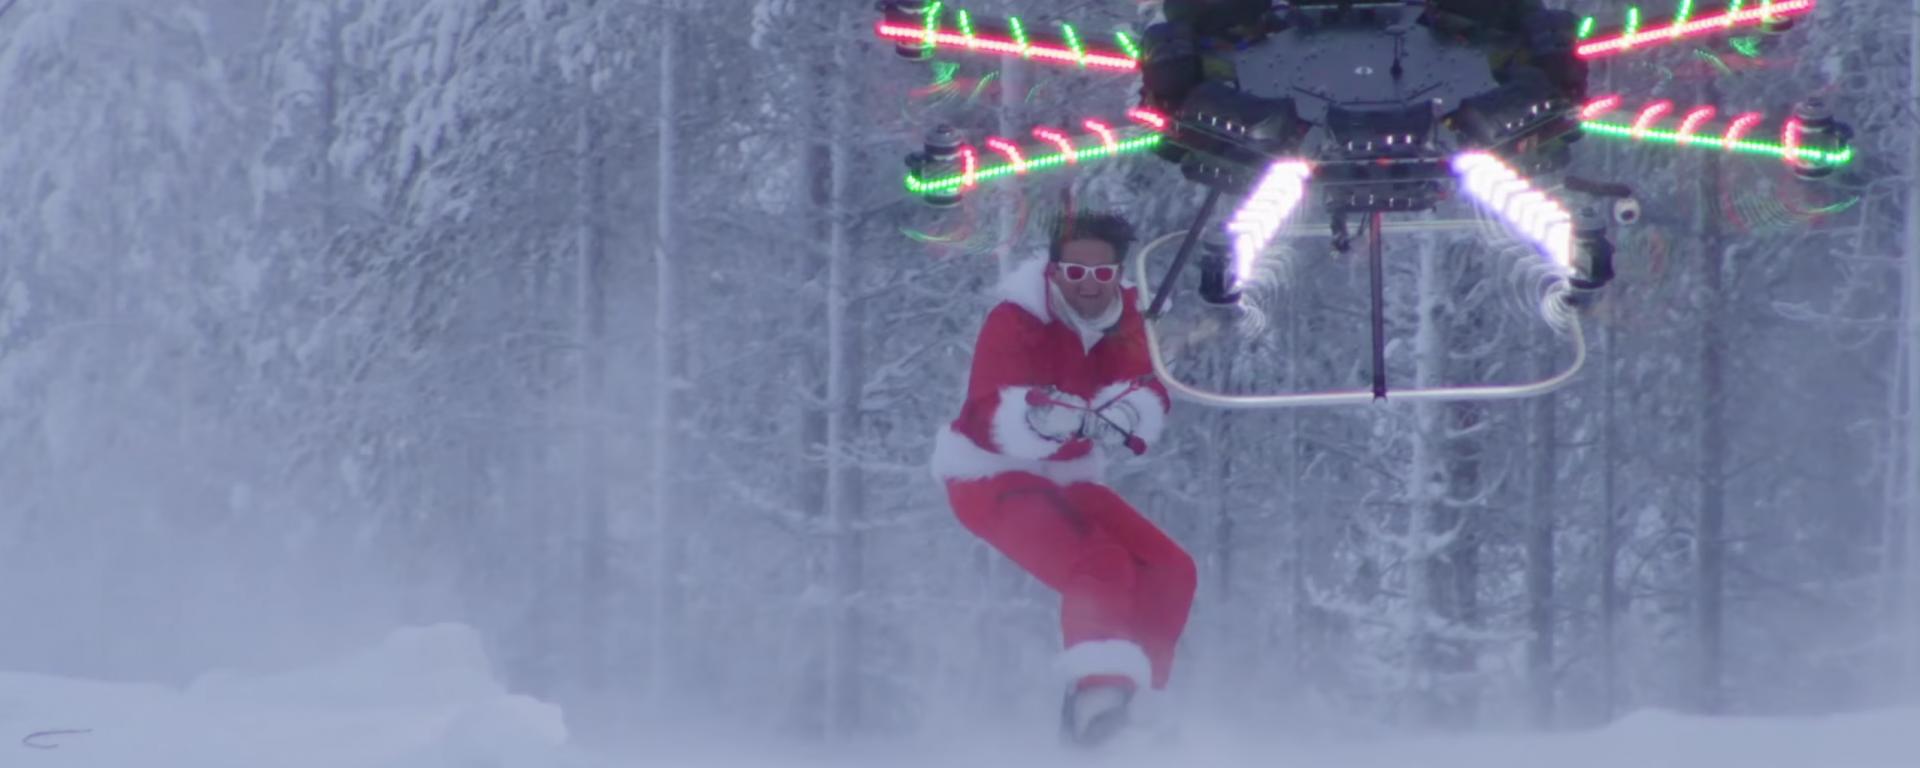 Du FPV racing en snowboard ? Peut-être pas ;)